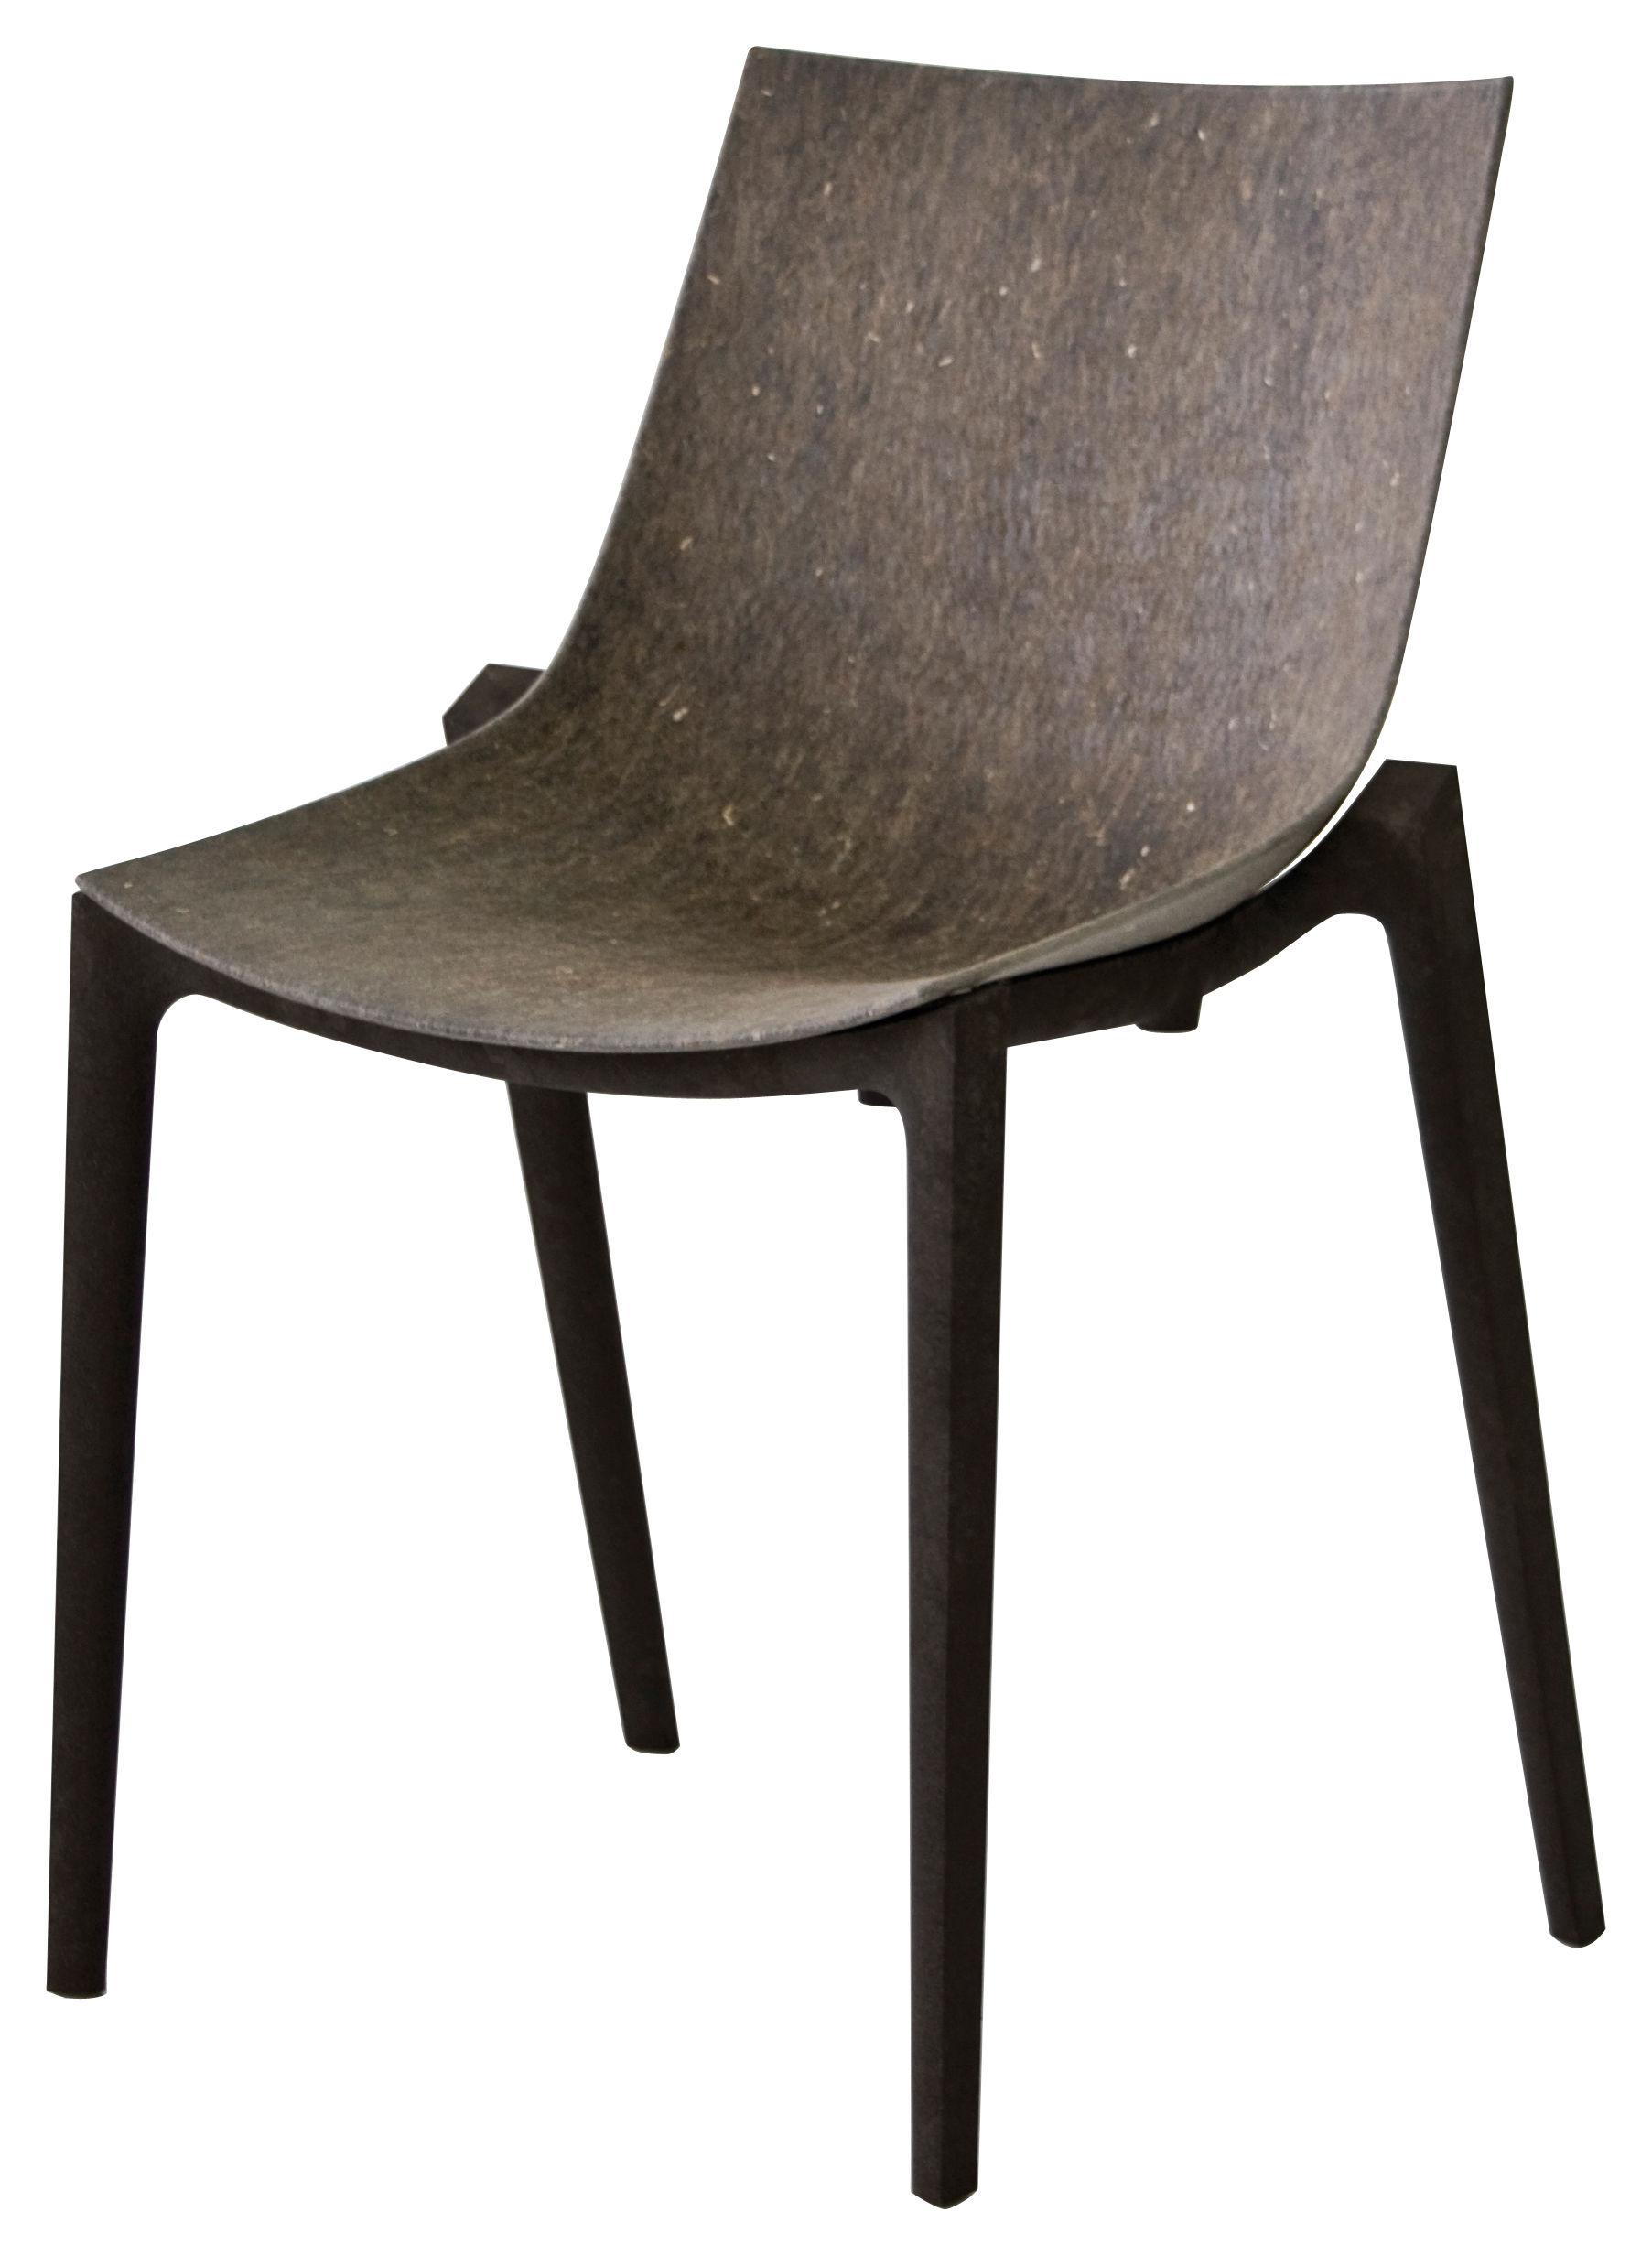 Arredamento - Sedia impilabile Zartan Eco - /Fibra scura - Ideata da Philippe Starck di Magis - Seduta Grigia/Gambe grigio scuro - Fibre de chanvre, Polypropylène recyclé